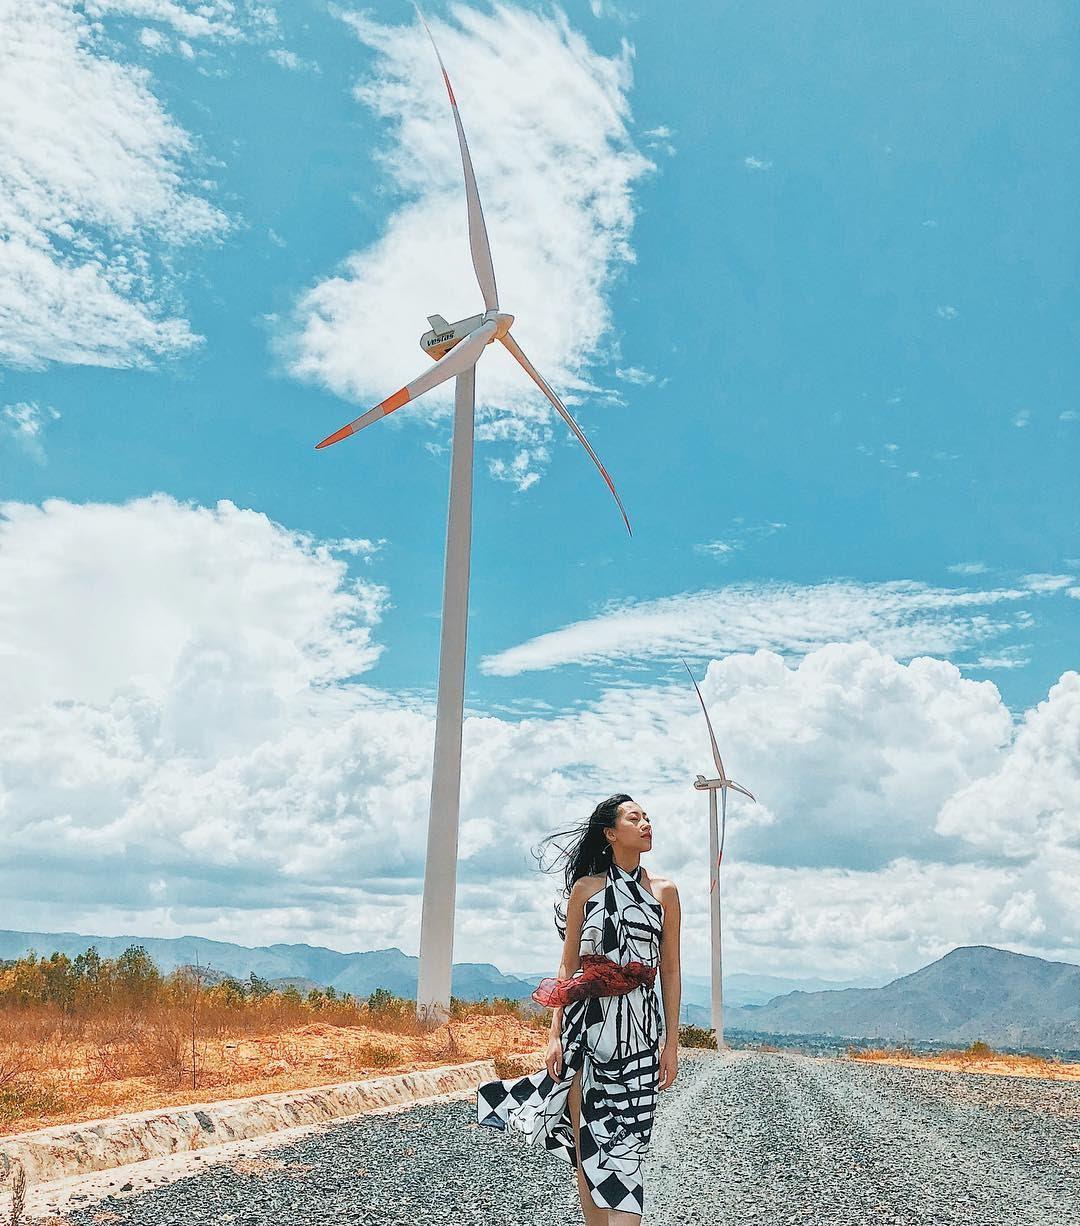 Chiêm ngưỡng 4 cánh đồng quạt gió đẹp ngỡ ngàng trên đất Việt